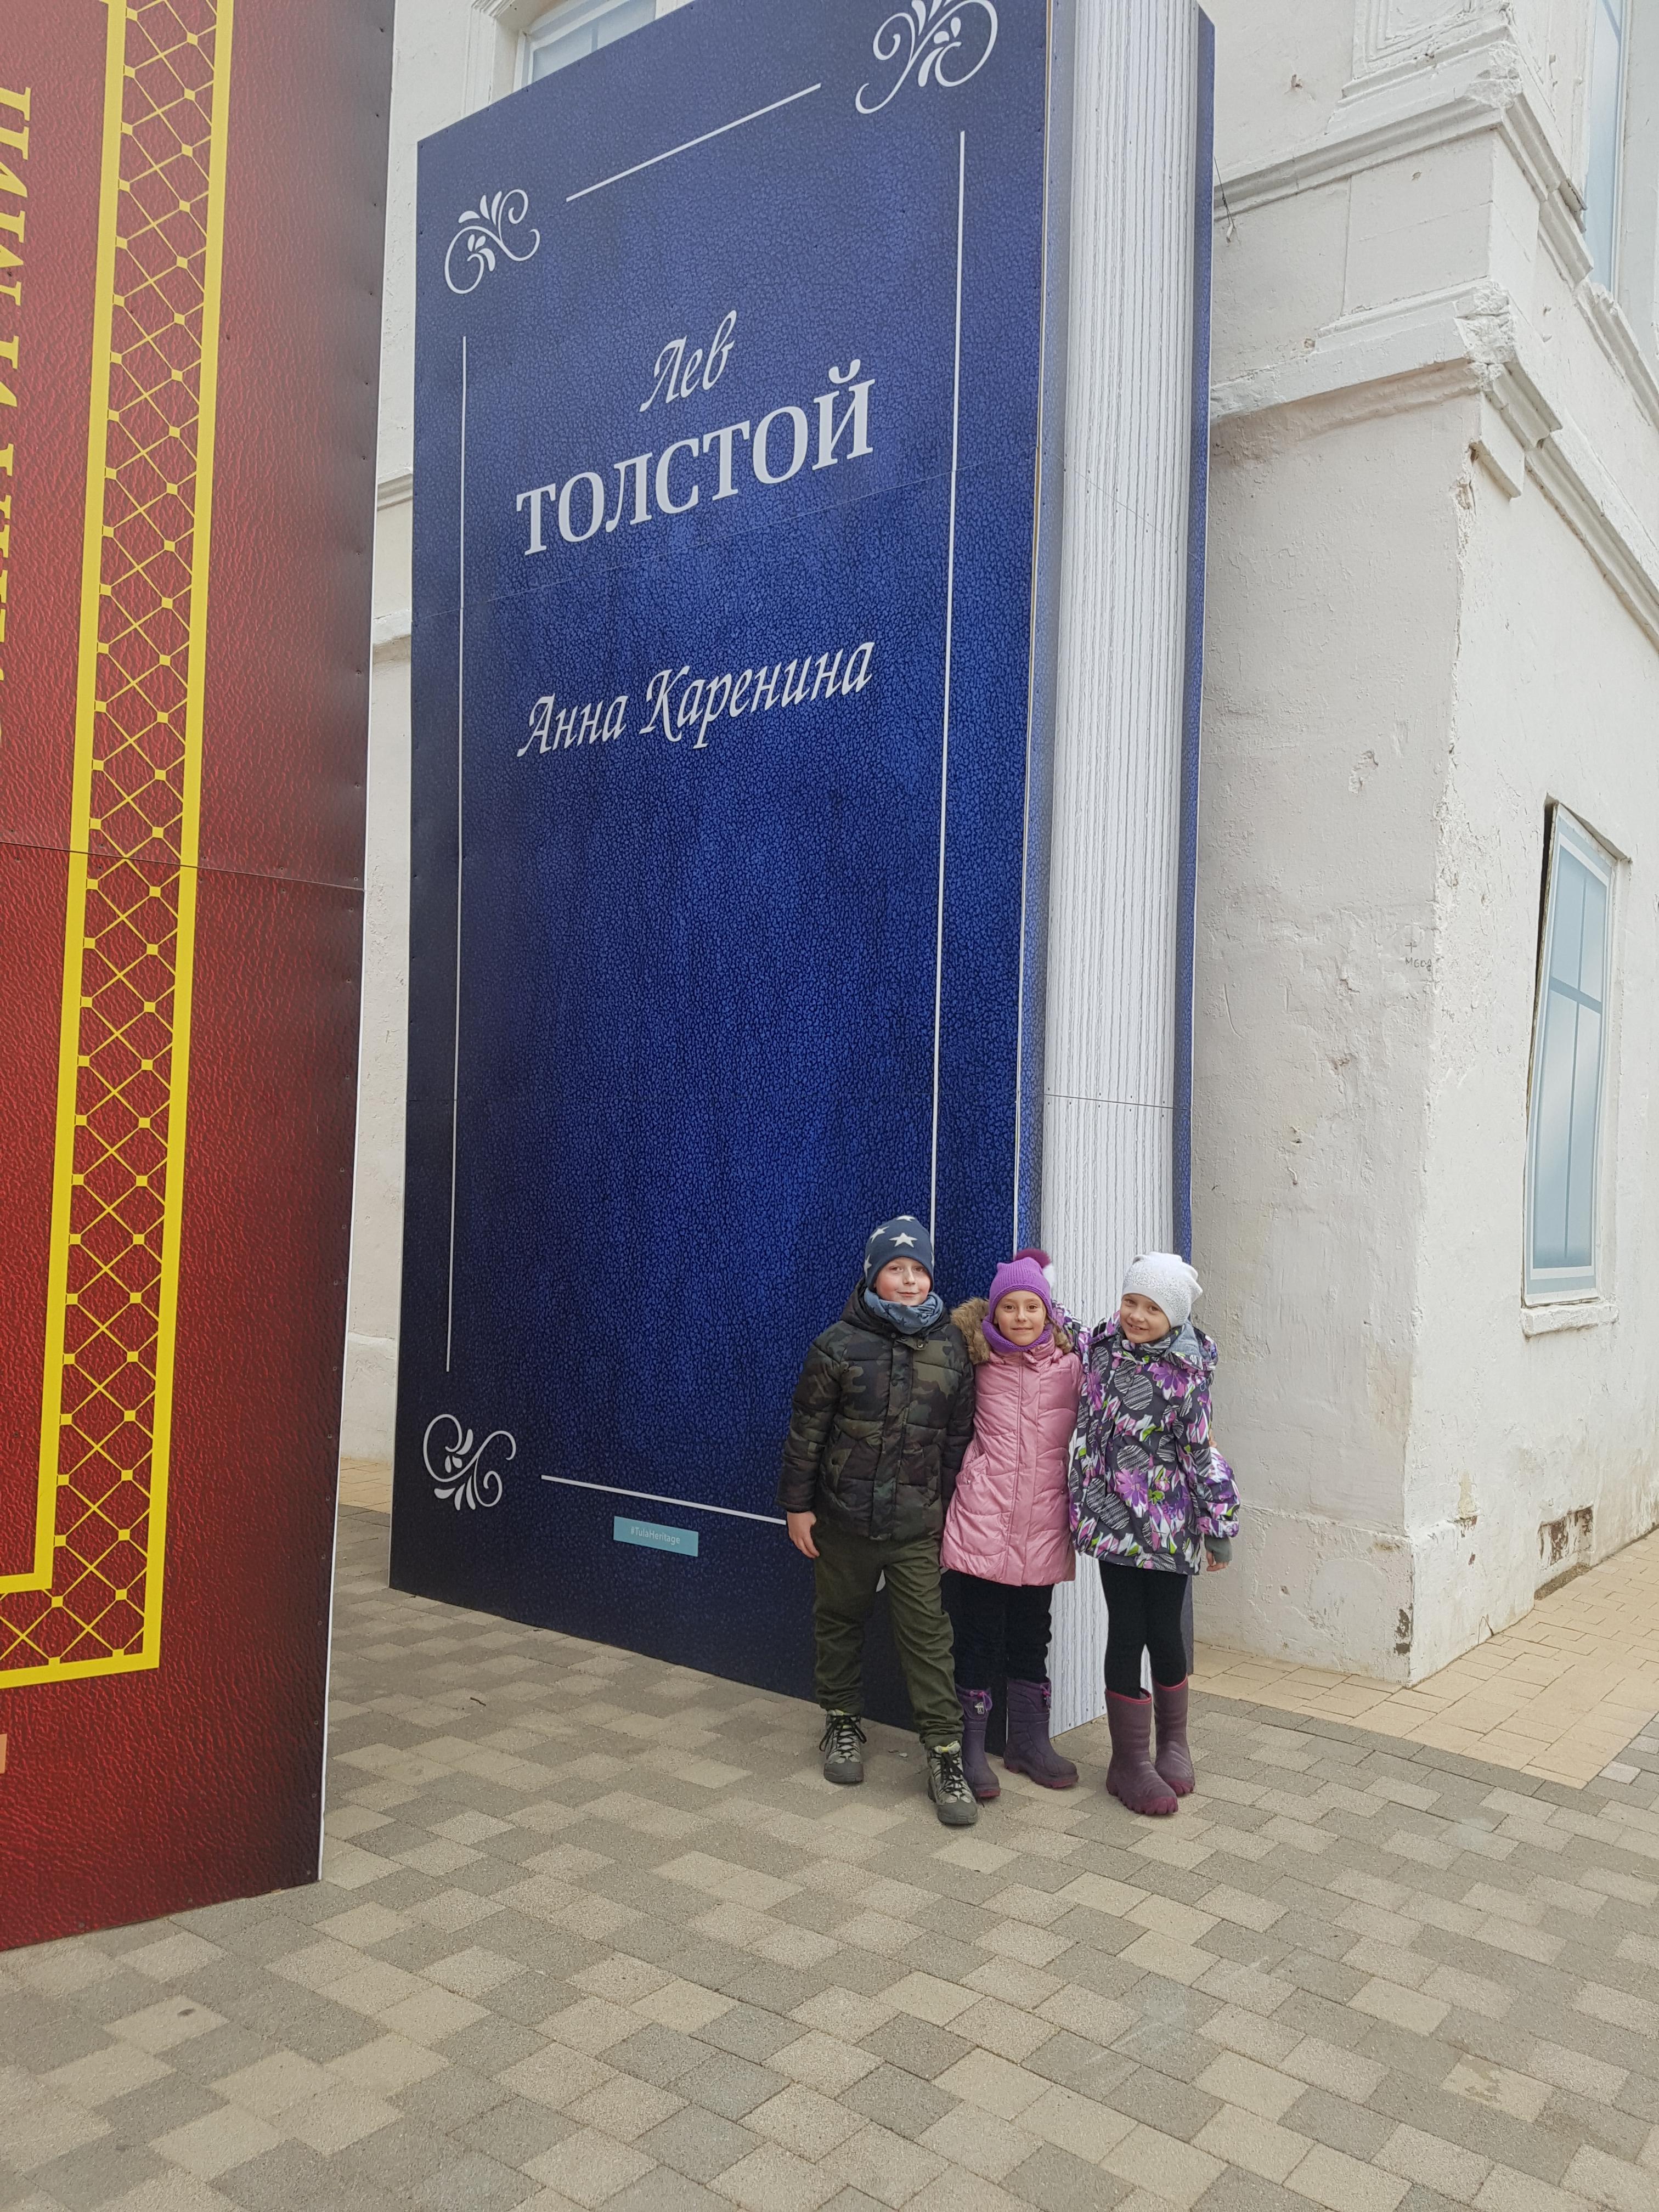 Юлия Руденко, Москва,апрель 2019